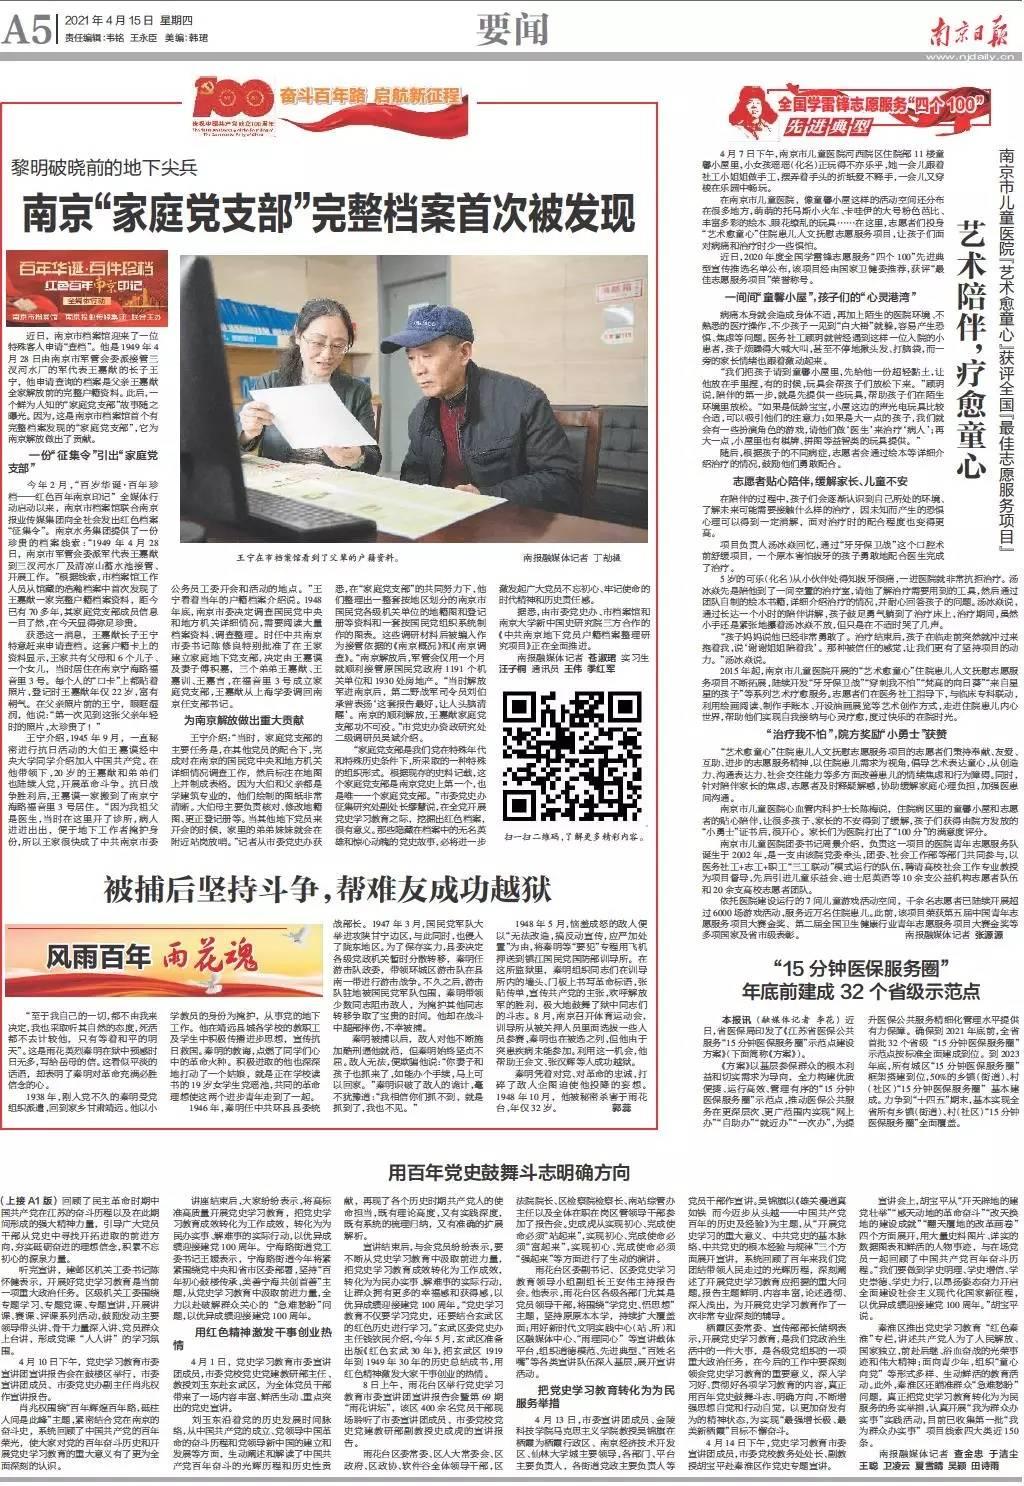 2021年4月15日《南京日報》A5版